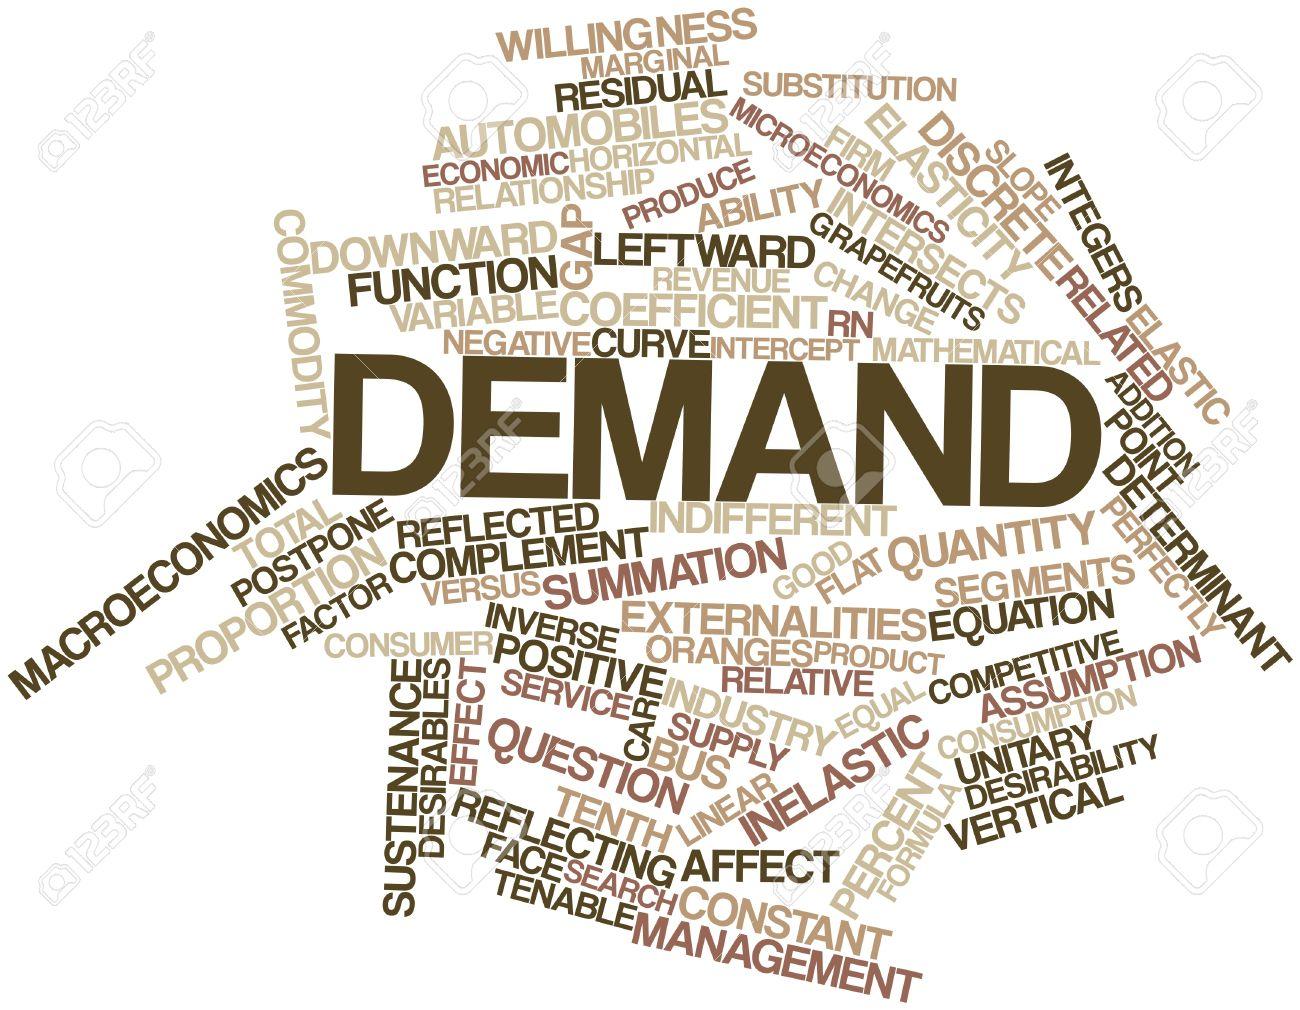 starbucks supply and demand analysis